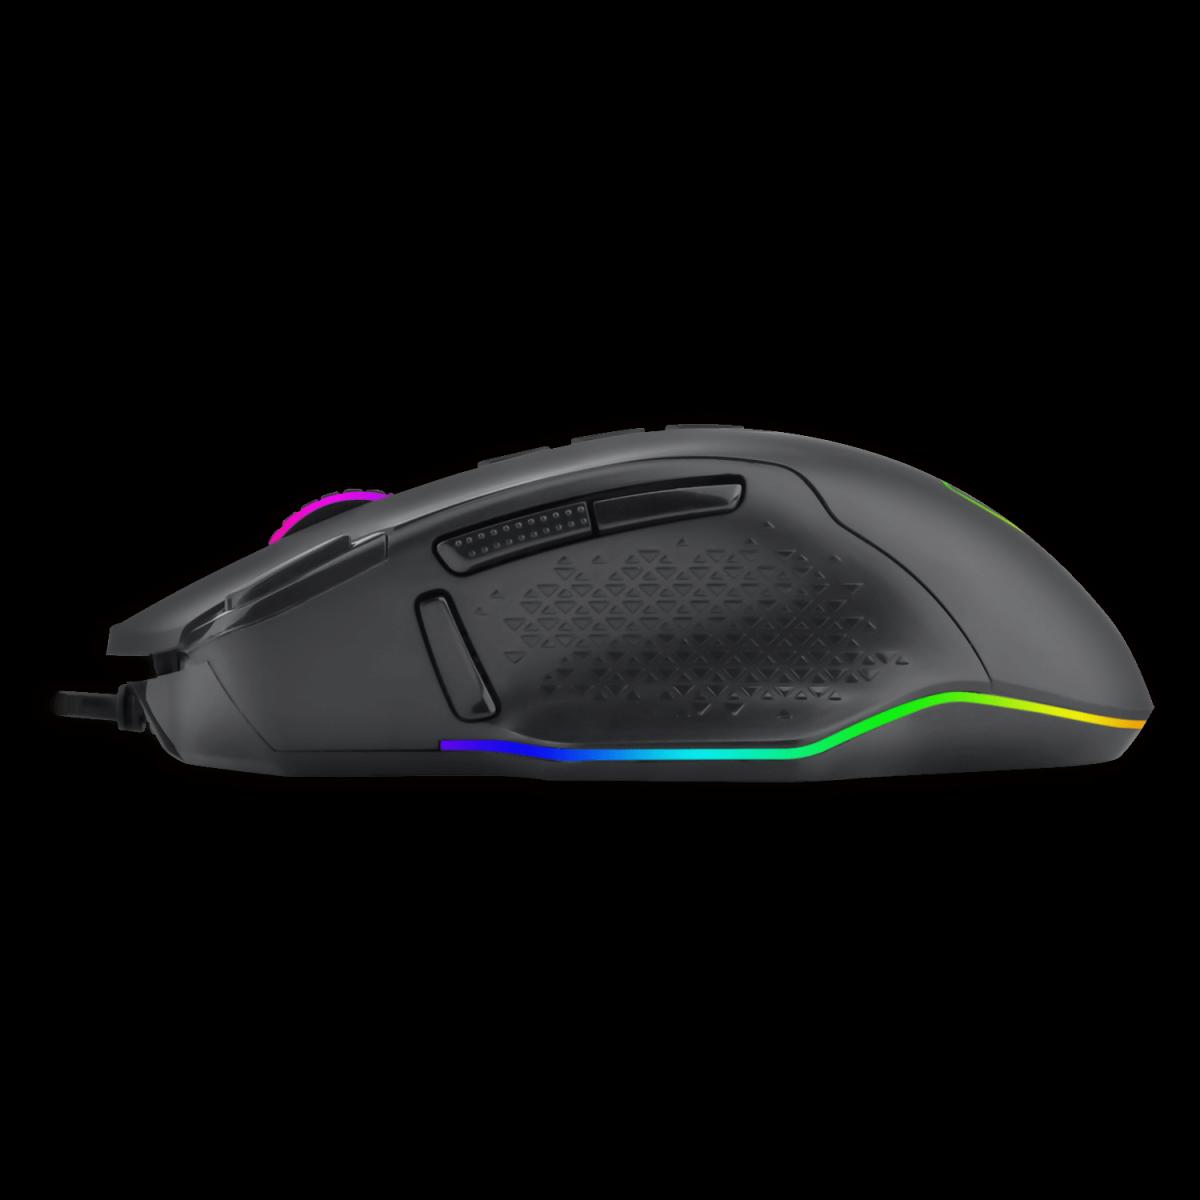 Mouse Gamer T-Dagger Bettle RGB, 8000 DPI, 10 Botões, Black, T-TGM305